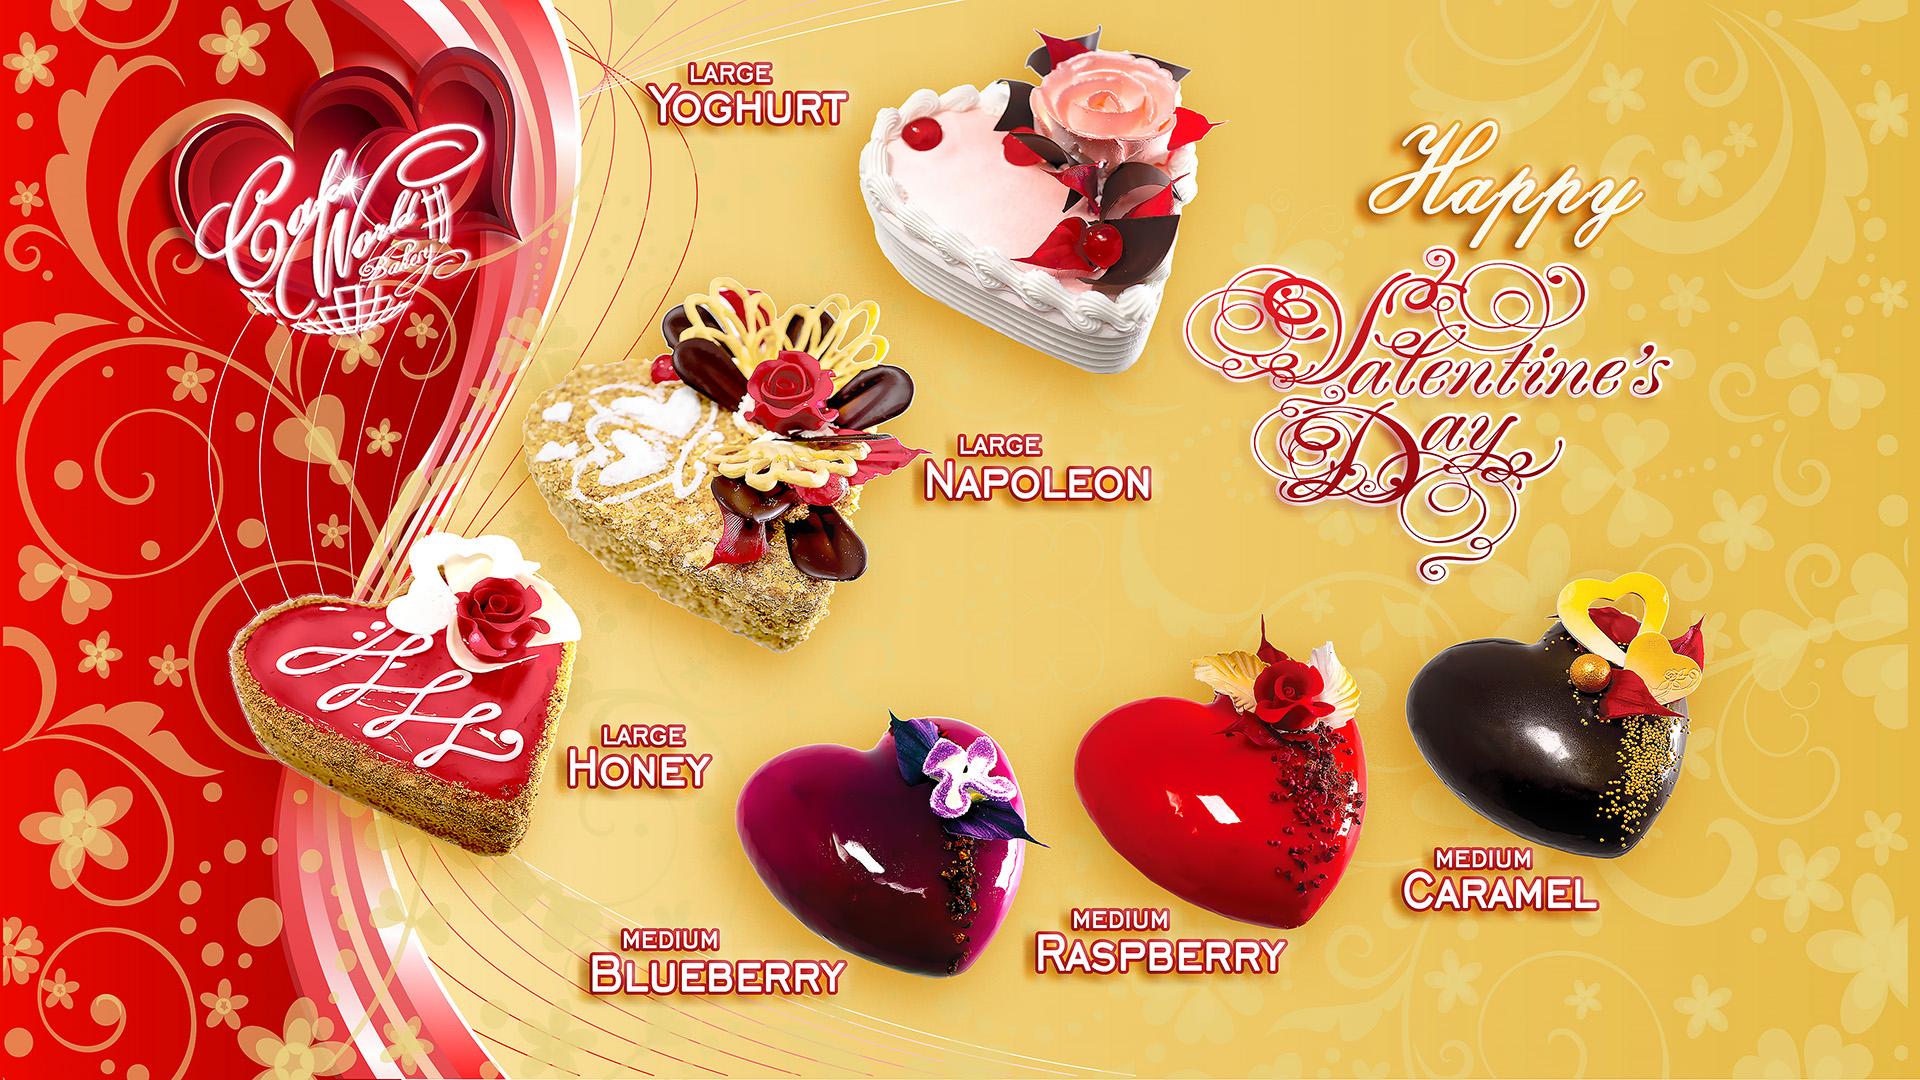 Sveiki mieli mūsų klientai, Sveikiname su artėjančia meilės diena...Jau priimame užsakymus Valentino tortukams širdelė.Šiai Valentino šventei Cake World Bakery konditerei sukūrė romantiško dizaino širdeles .Konditerių meilė ir kuryba,nustebins net patį išrankiausia.Lengvo saldumo ir tirpstantančio gaivumo derinys ,suteiks neišdildomų akimirkų.... Tortuku užsisakyti galite visose parduotuvėse prekiaujančiose Cake World Bakery produkcija jau nuo vasario 6 dienos.